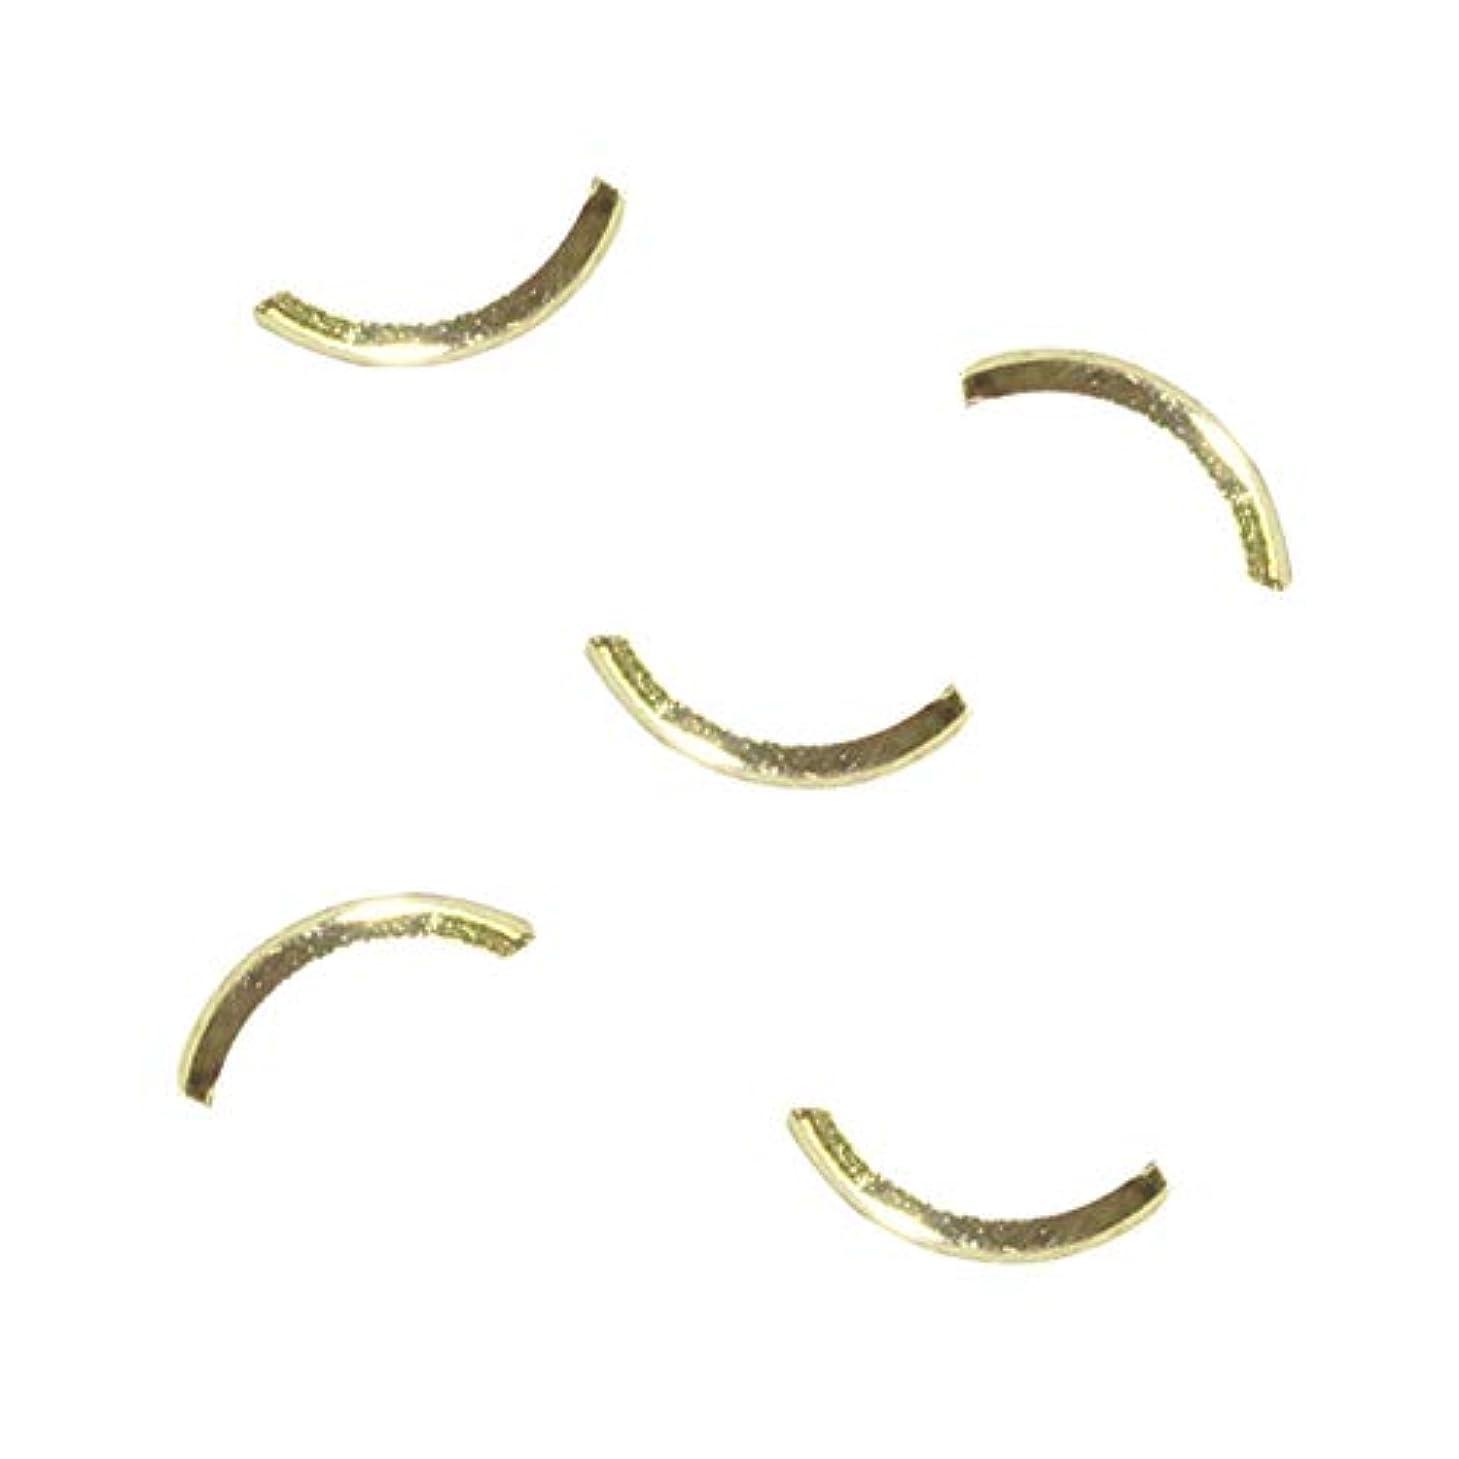 やる実験急勾配のSunshine Babe(サンシャインベビー) カーブスティック S ゴールド 30個